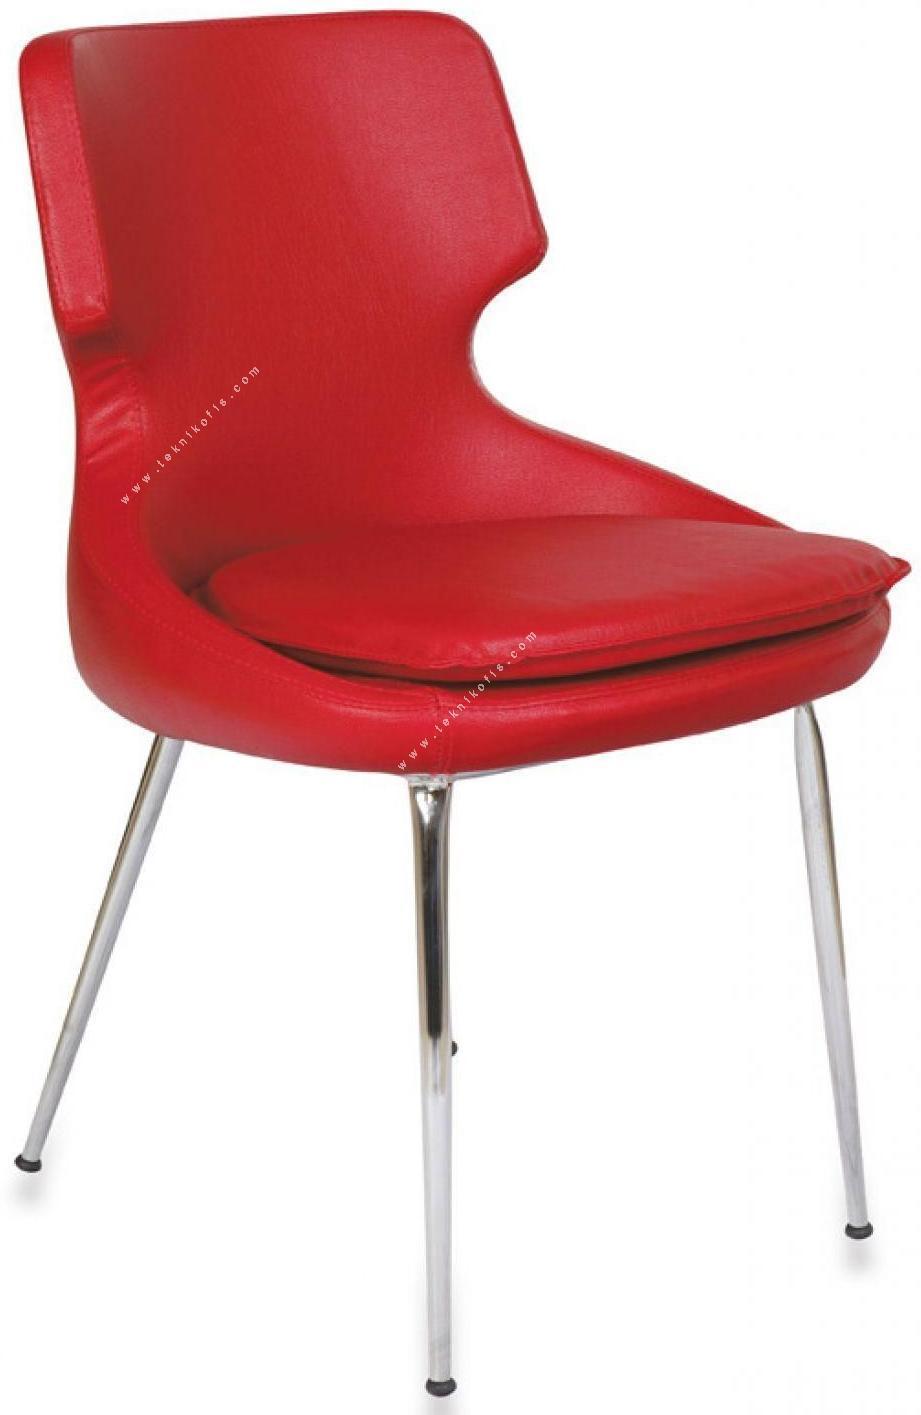 zola كرسي للضيوف 2955